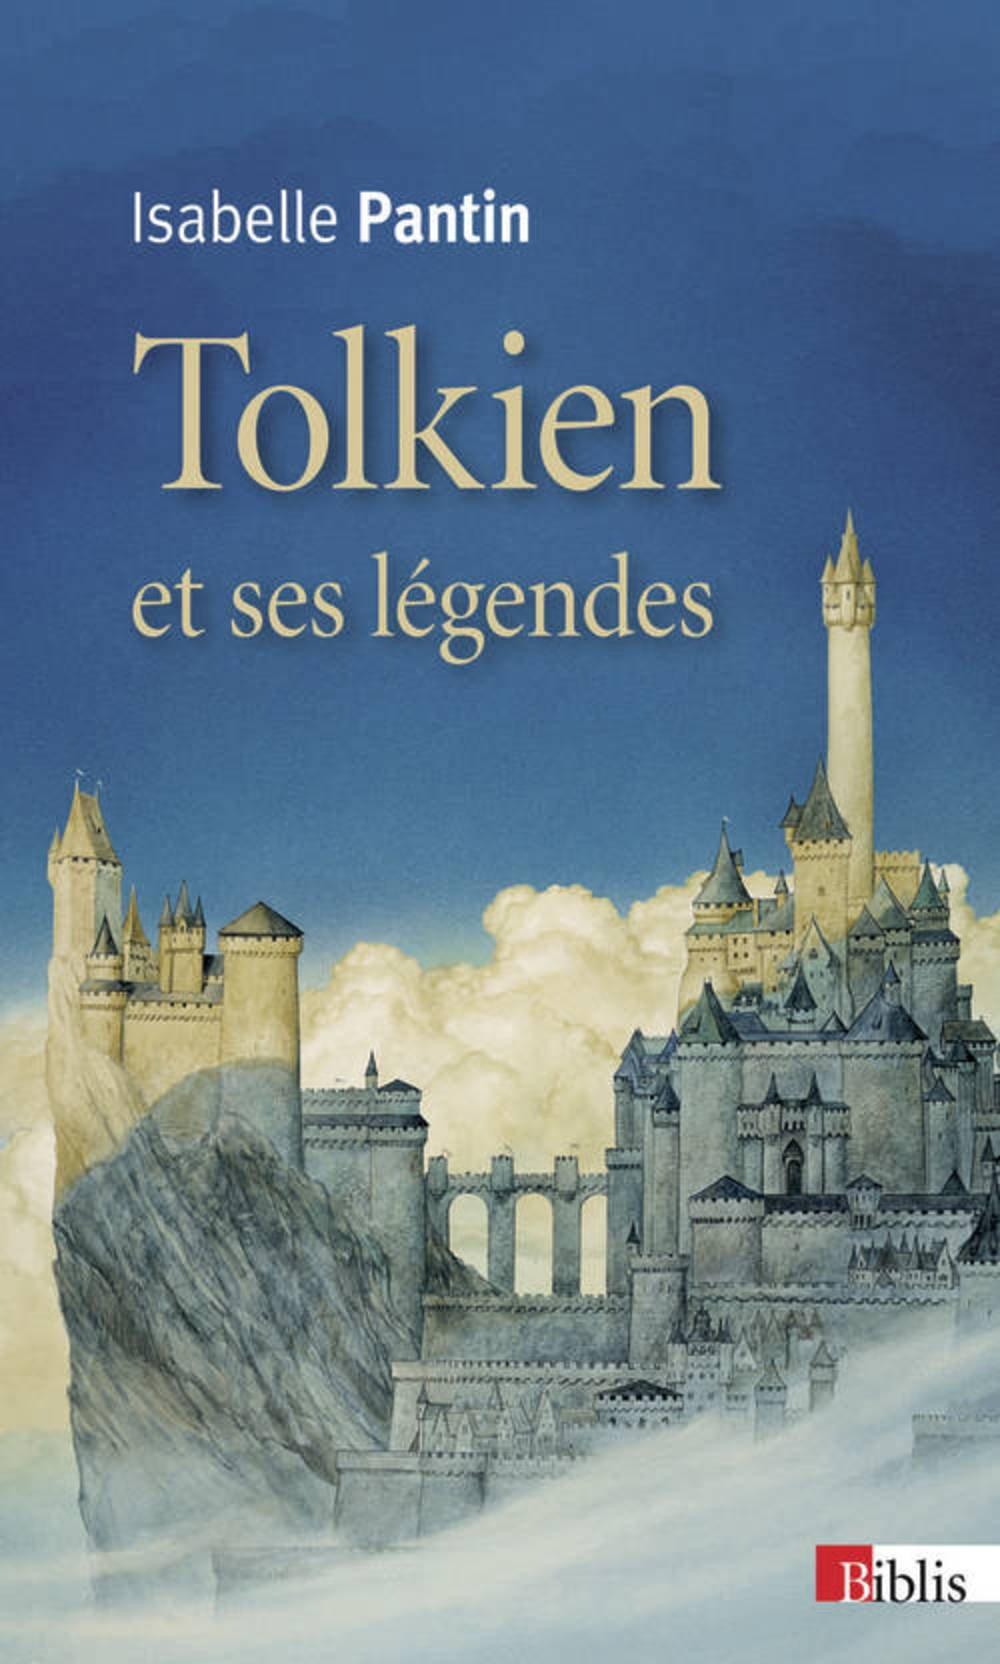 Tolkien Et Ses Légendes Une Expérience En Fiction Isabelle Pantin